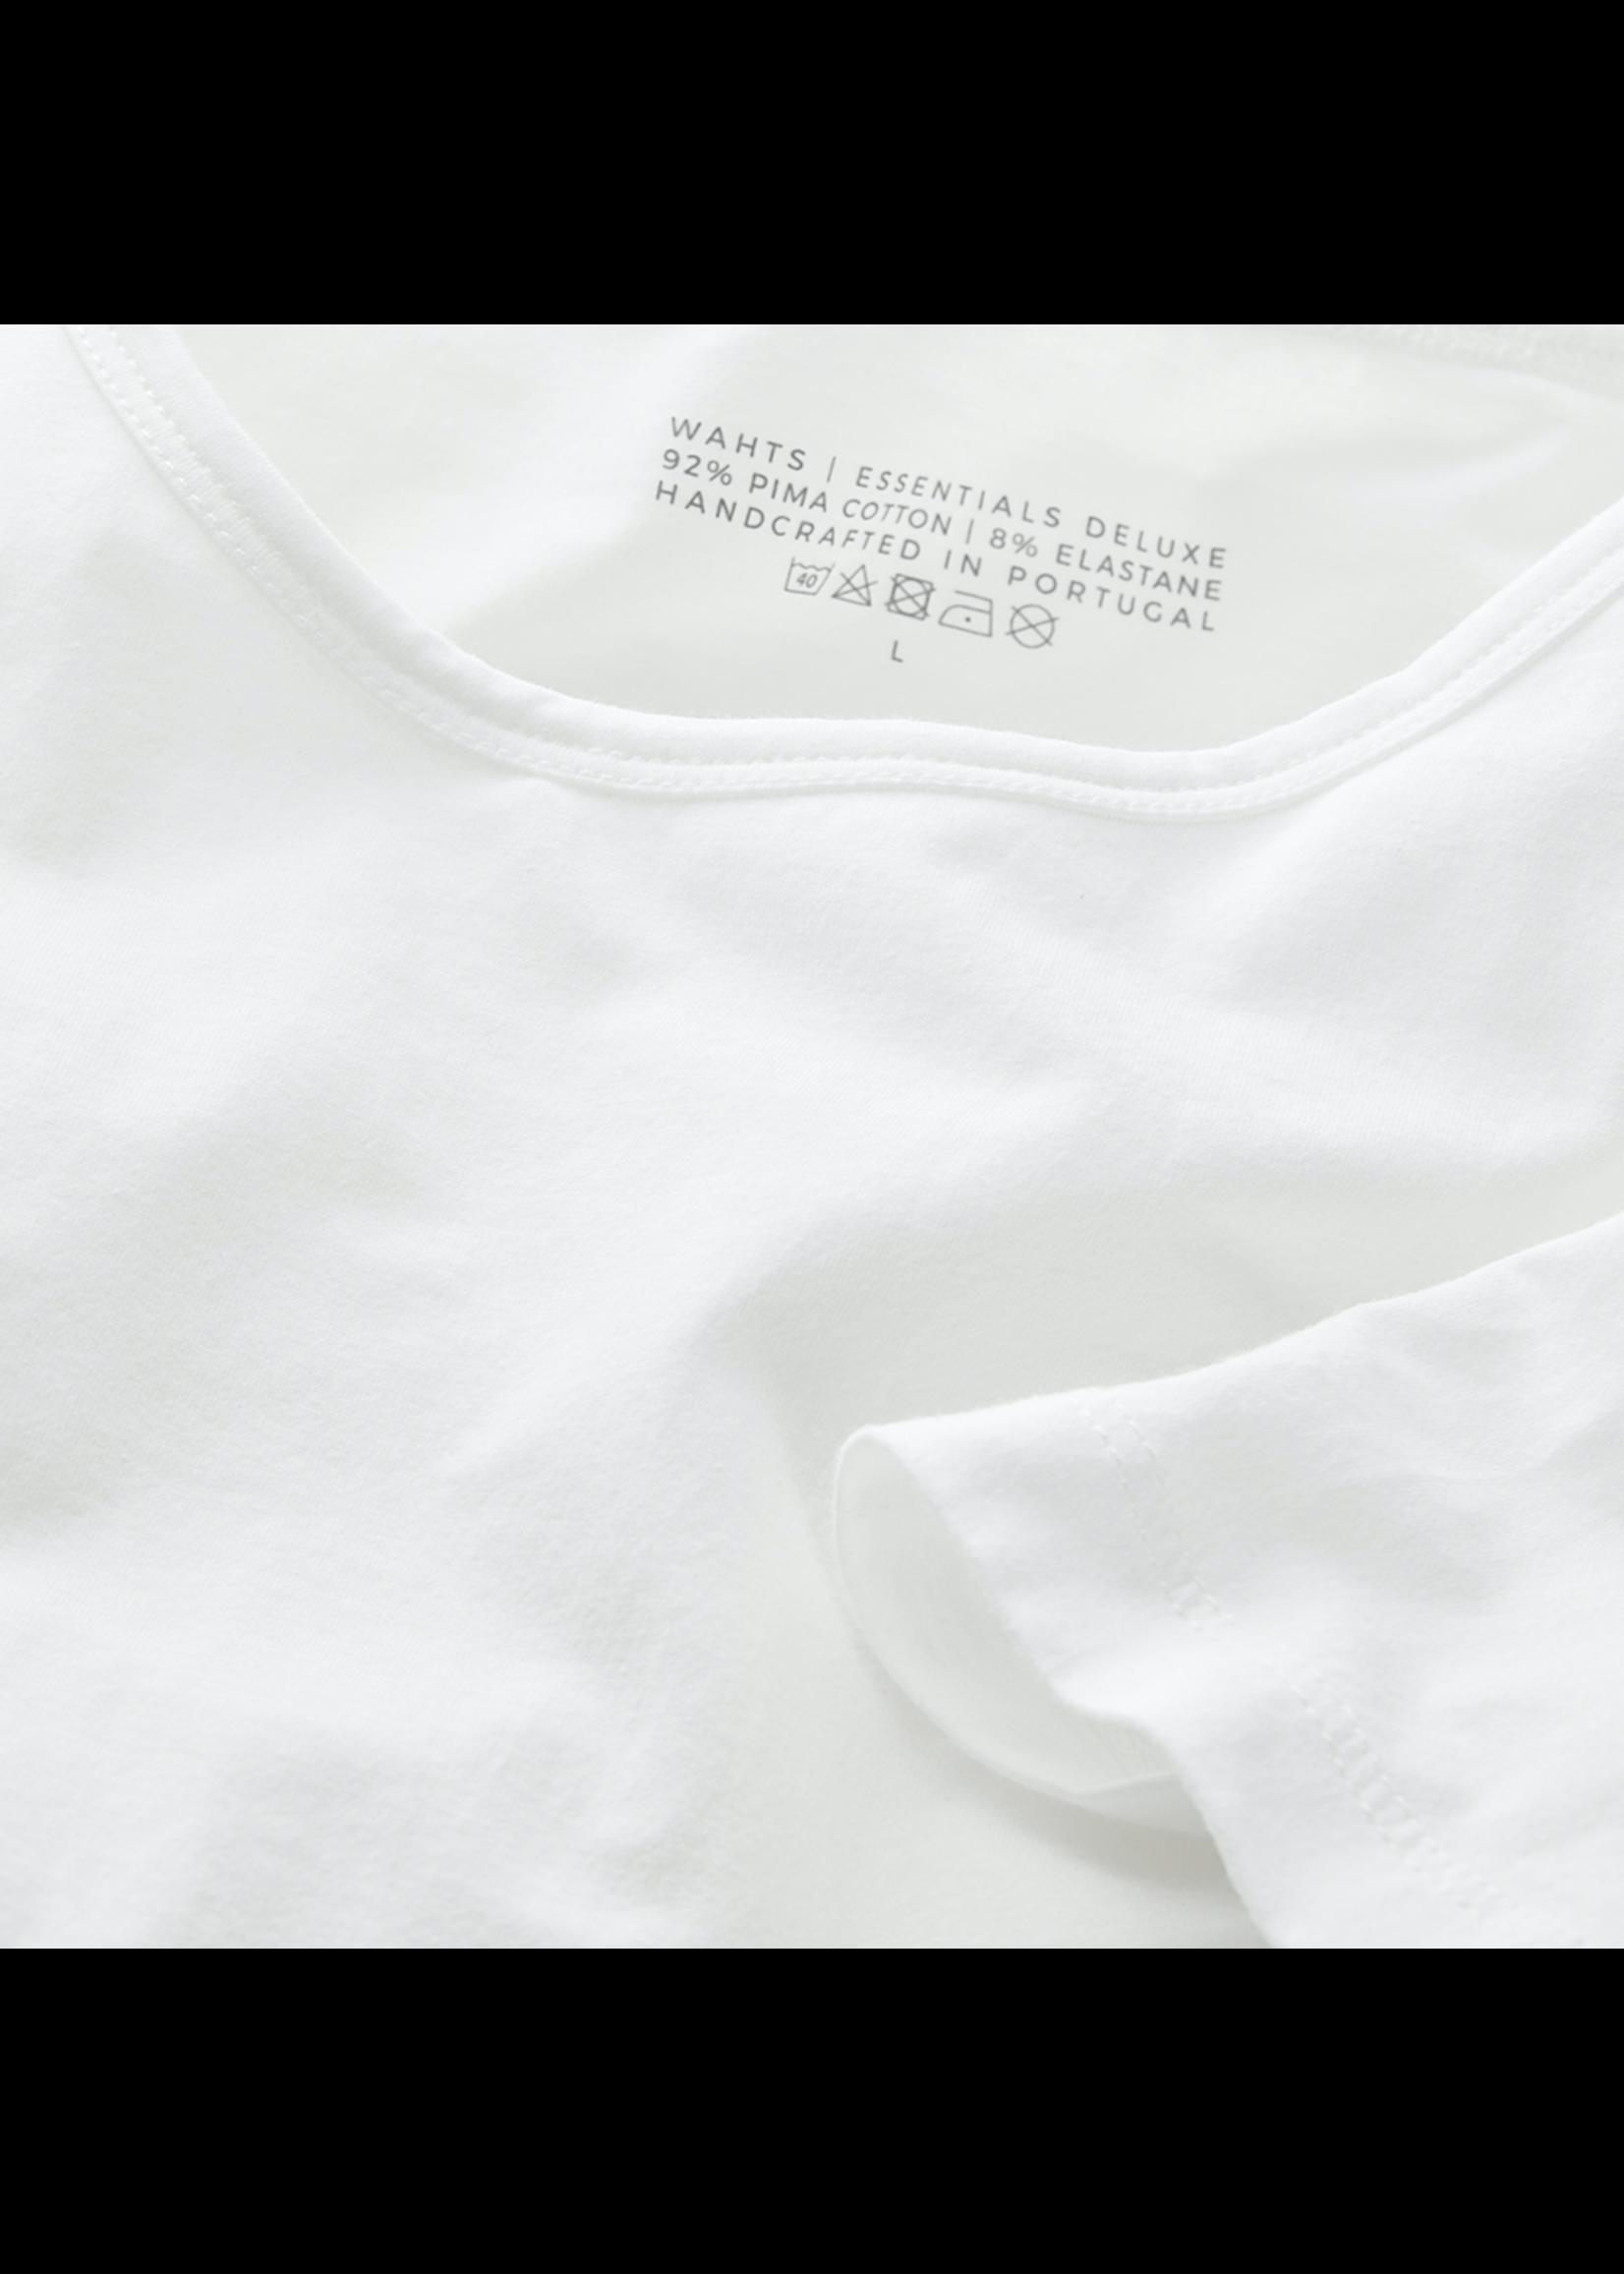 Wahts Colton tshirt pure white